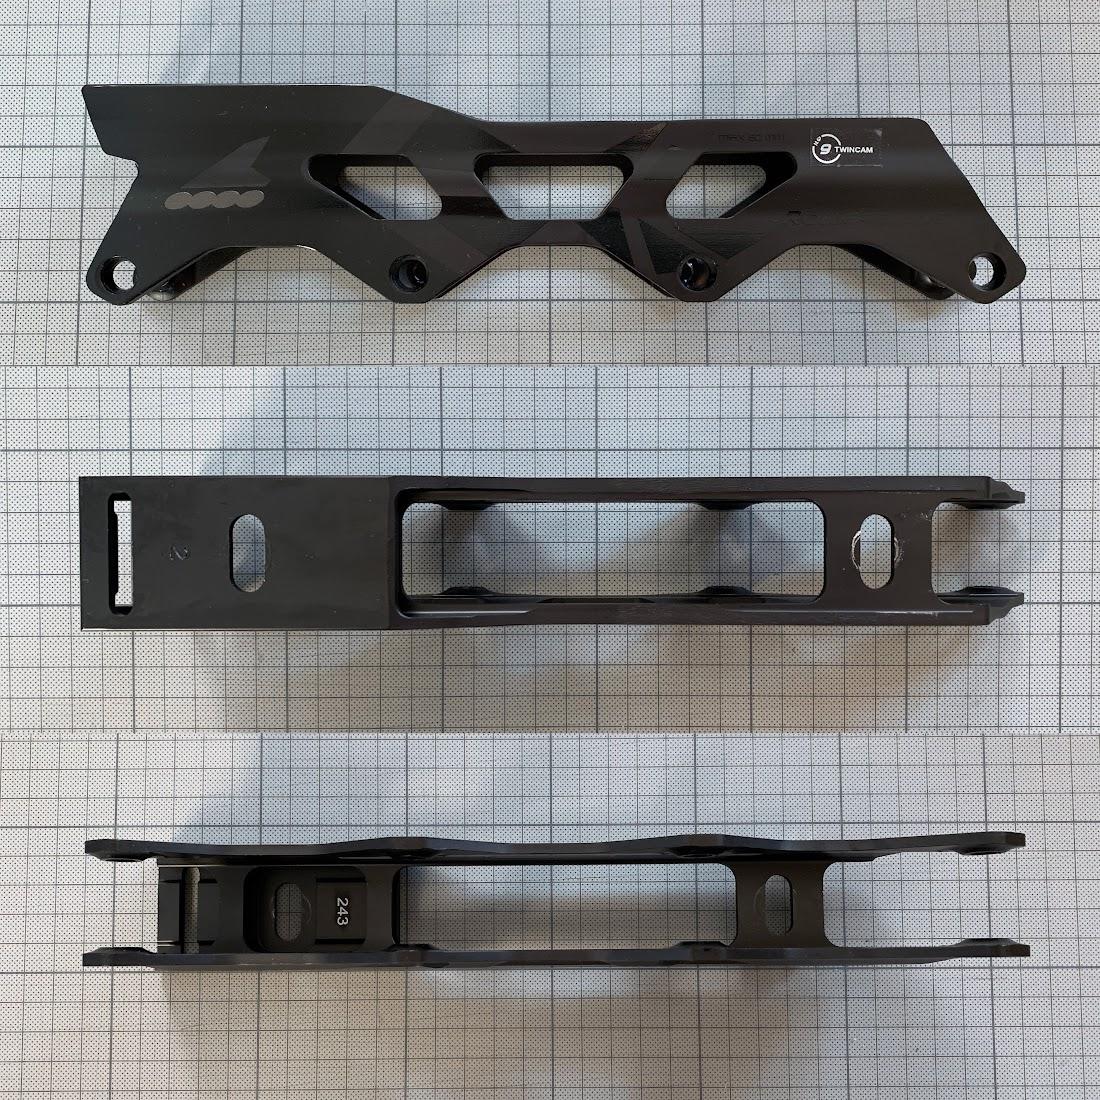 写真4 上:フレームを横から 中央:フレームを上から 下:フレームを下から